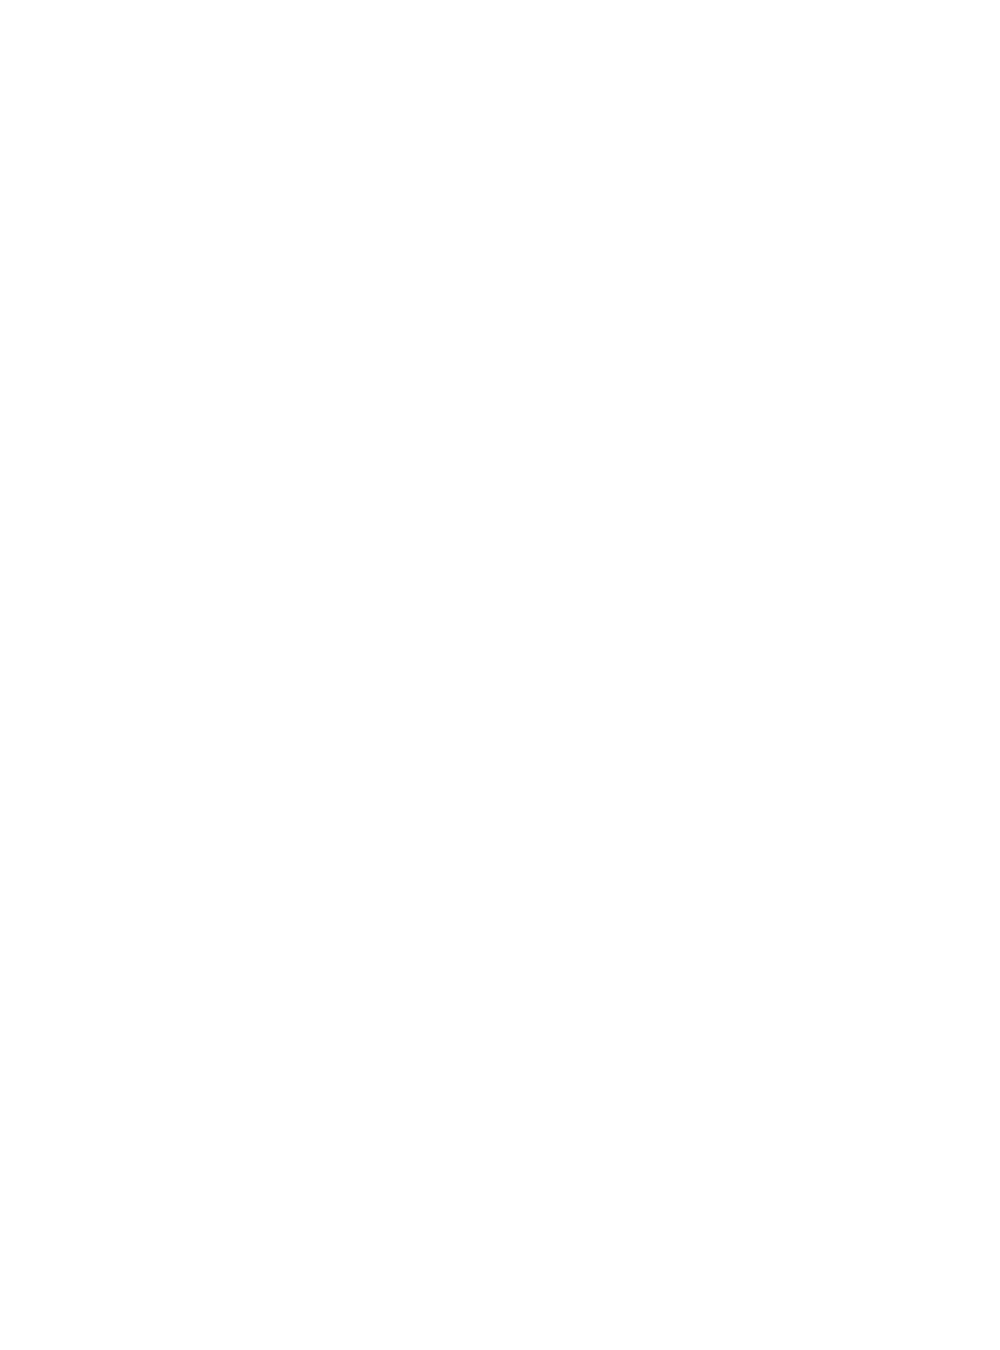 Joelle  Charbonneau - Die Auslese